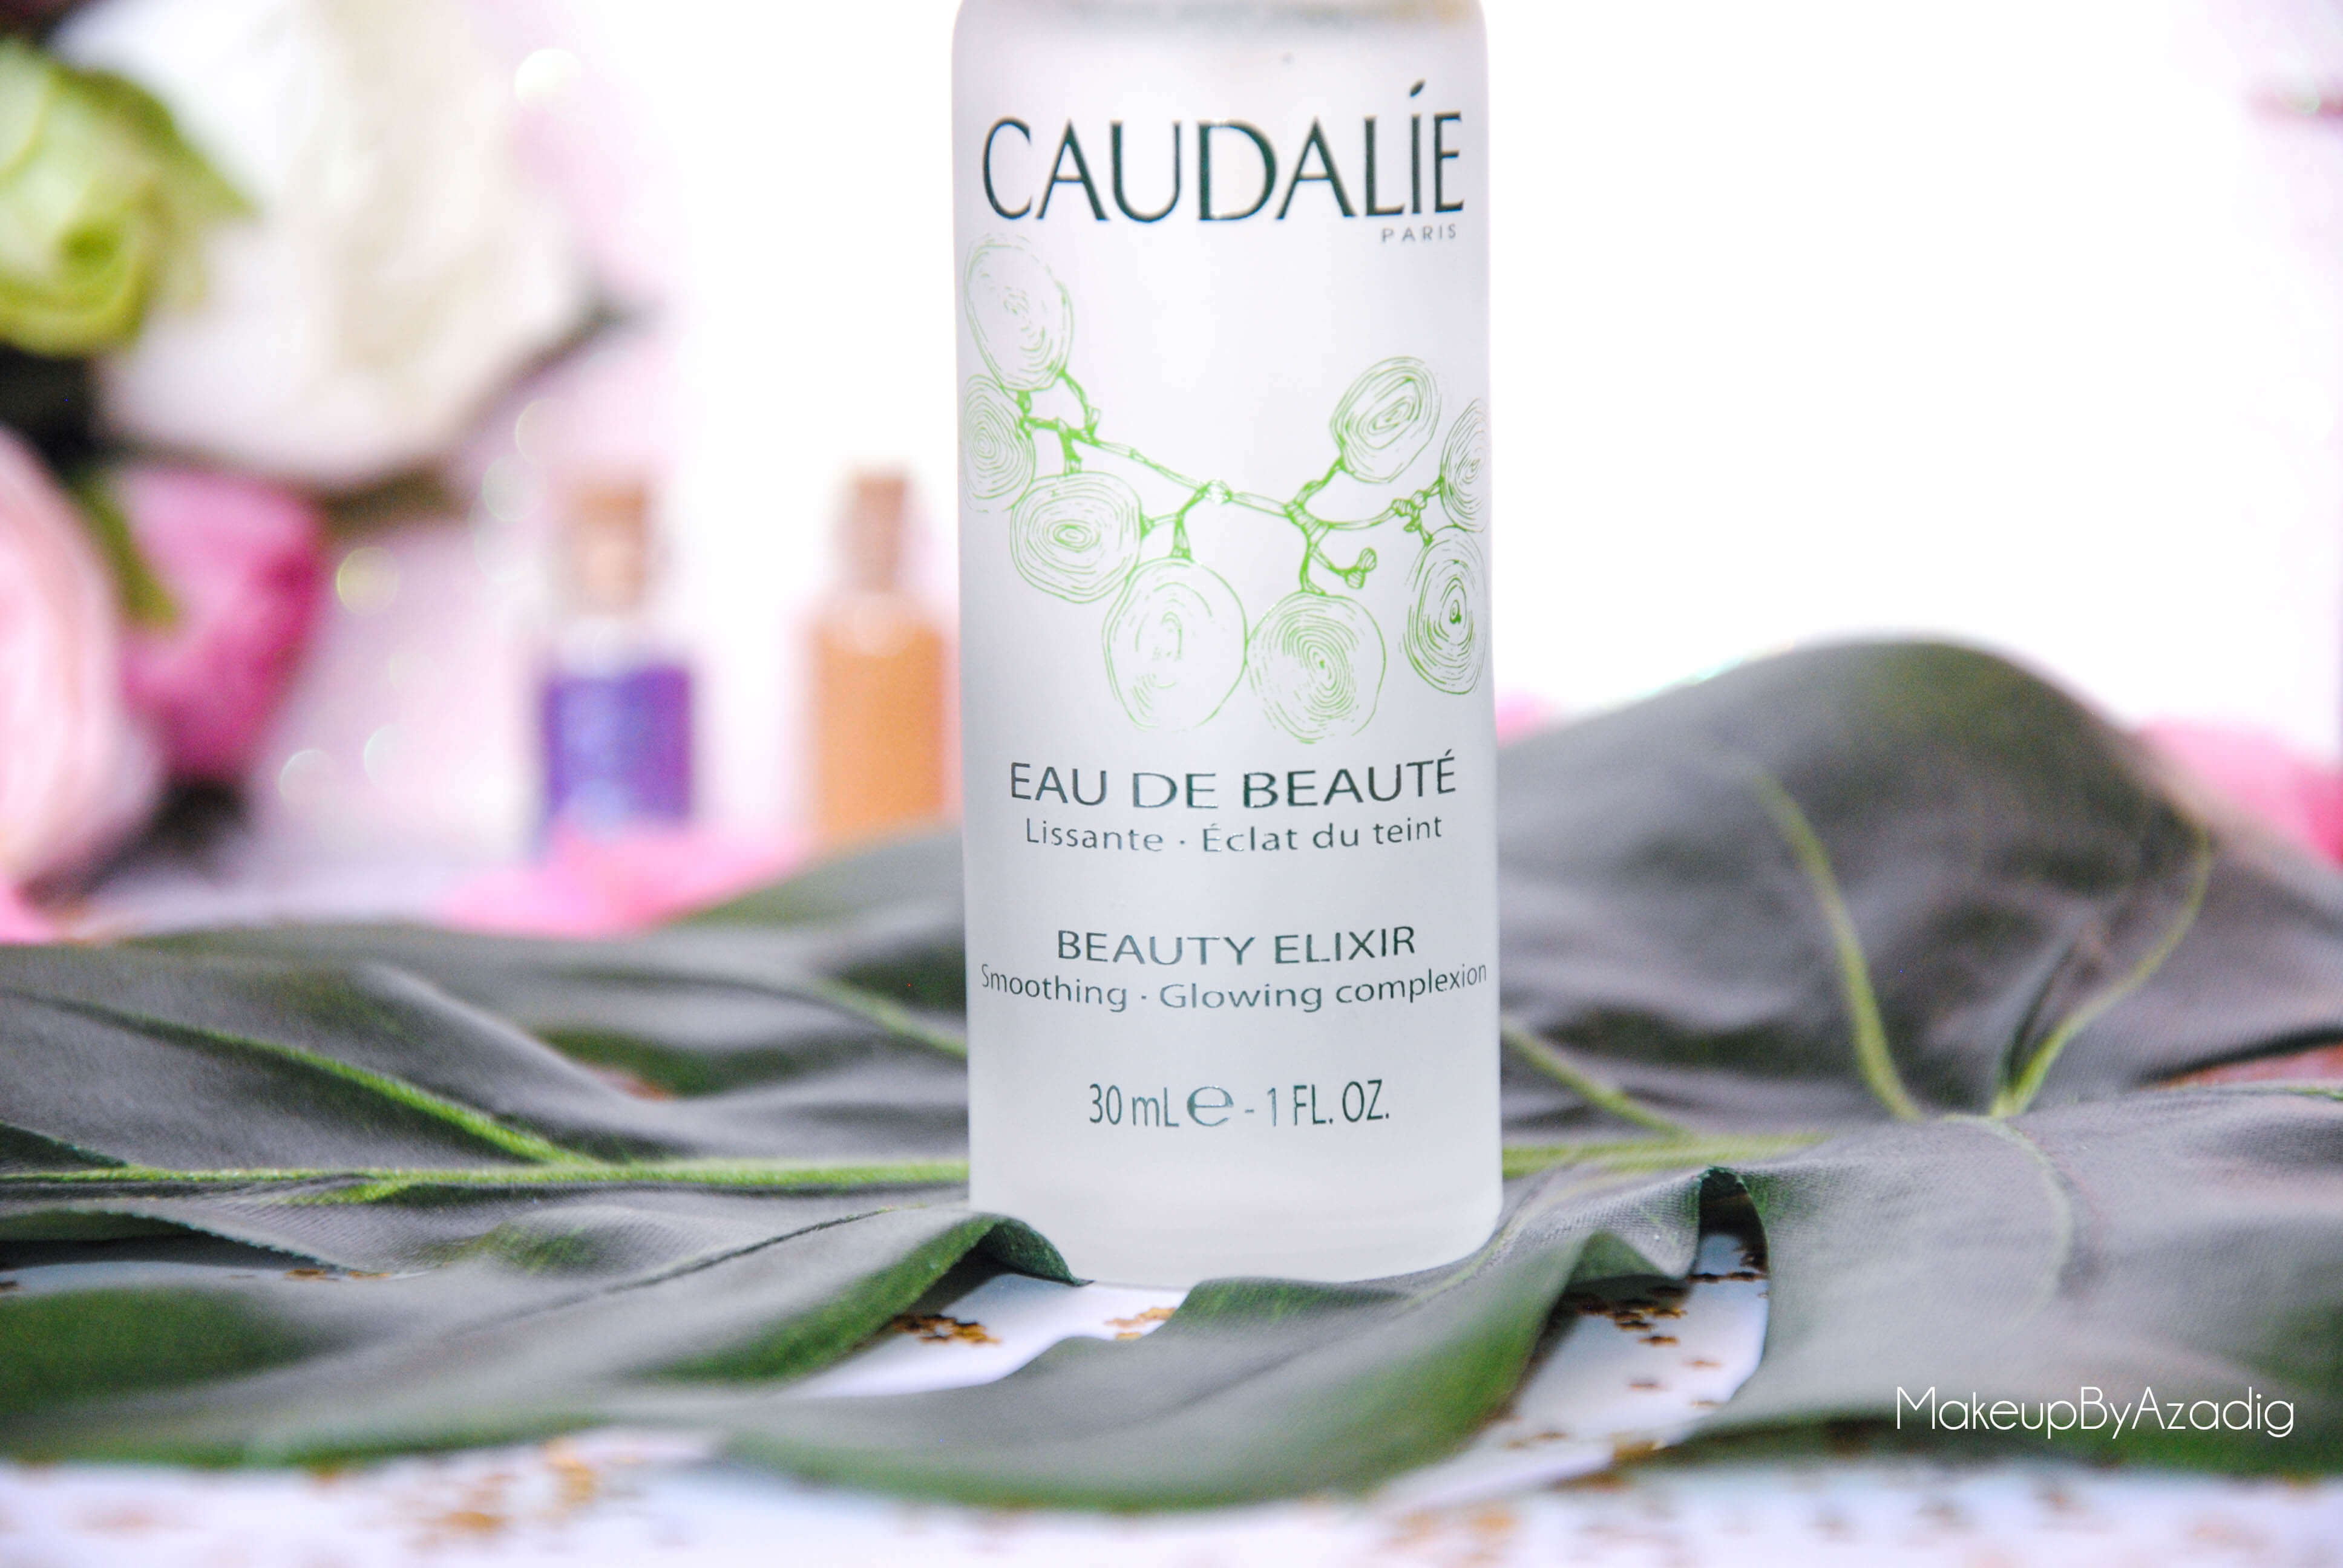 eau de beaute - caudalie - sanoflore - eau florale - produits de parapharmacie - makeupbyazadig - blog troyes - teint